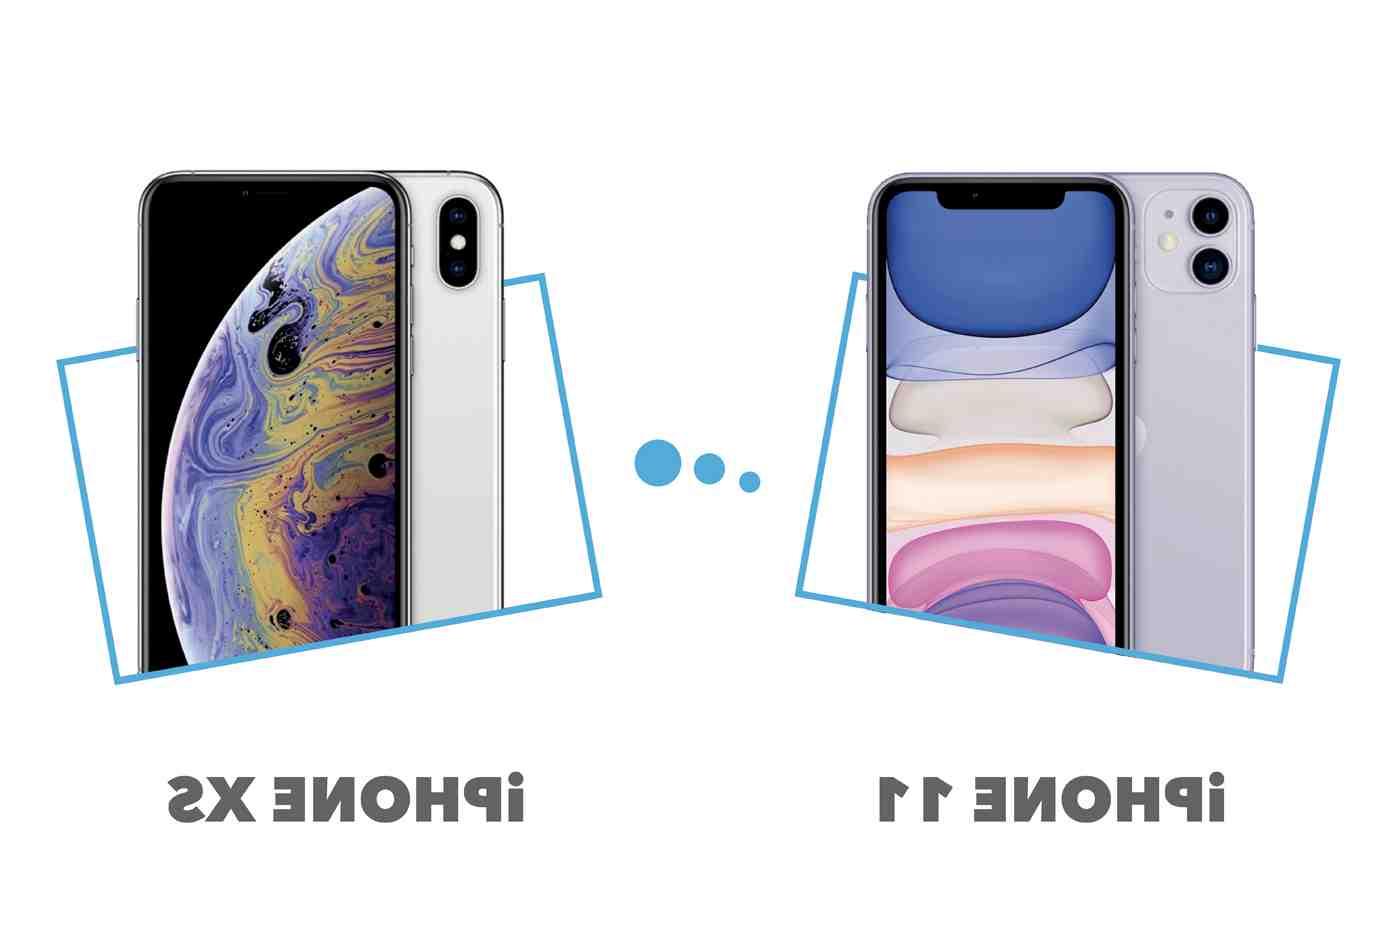 L'écran tactile de l'Iphone xr ne fonctionne pas